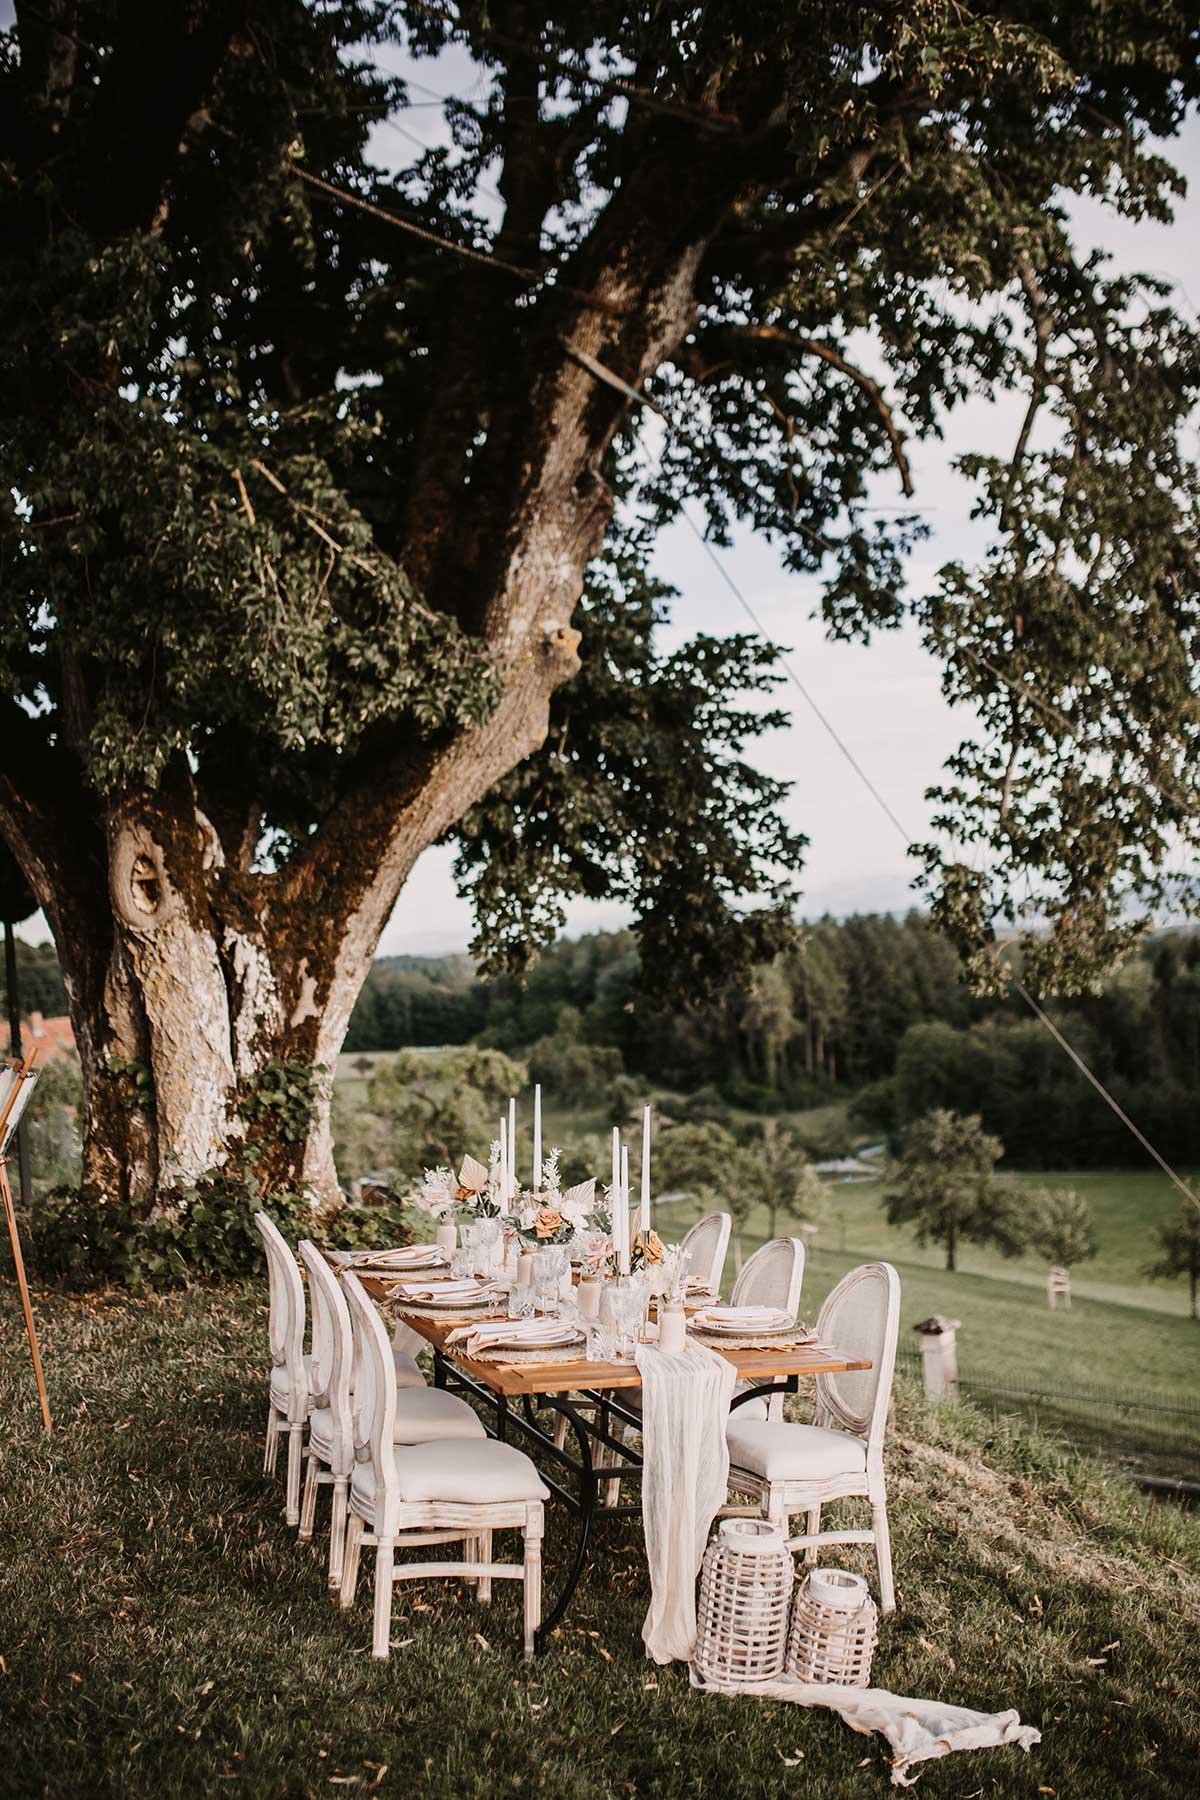 Liebevoll dekorierter Tisch bei einer Hochzeit im Freien